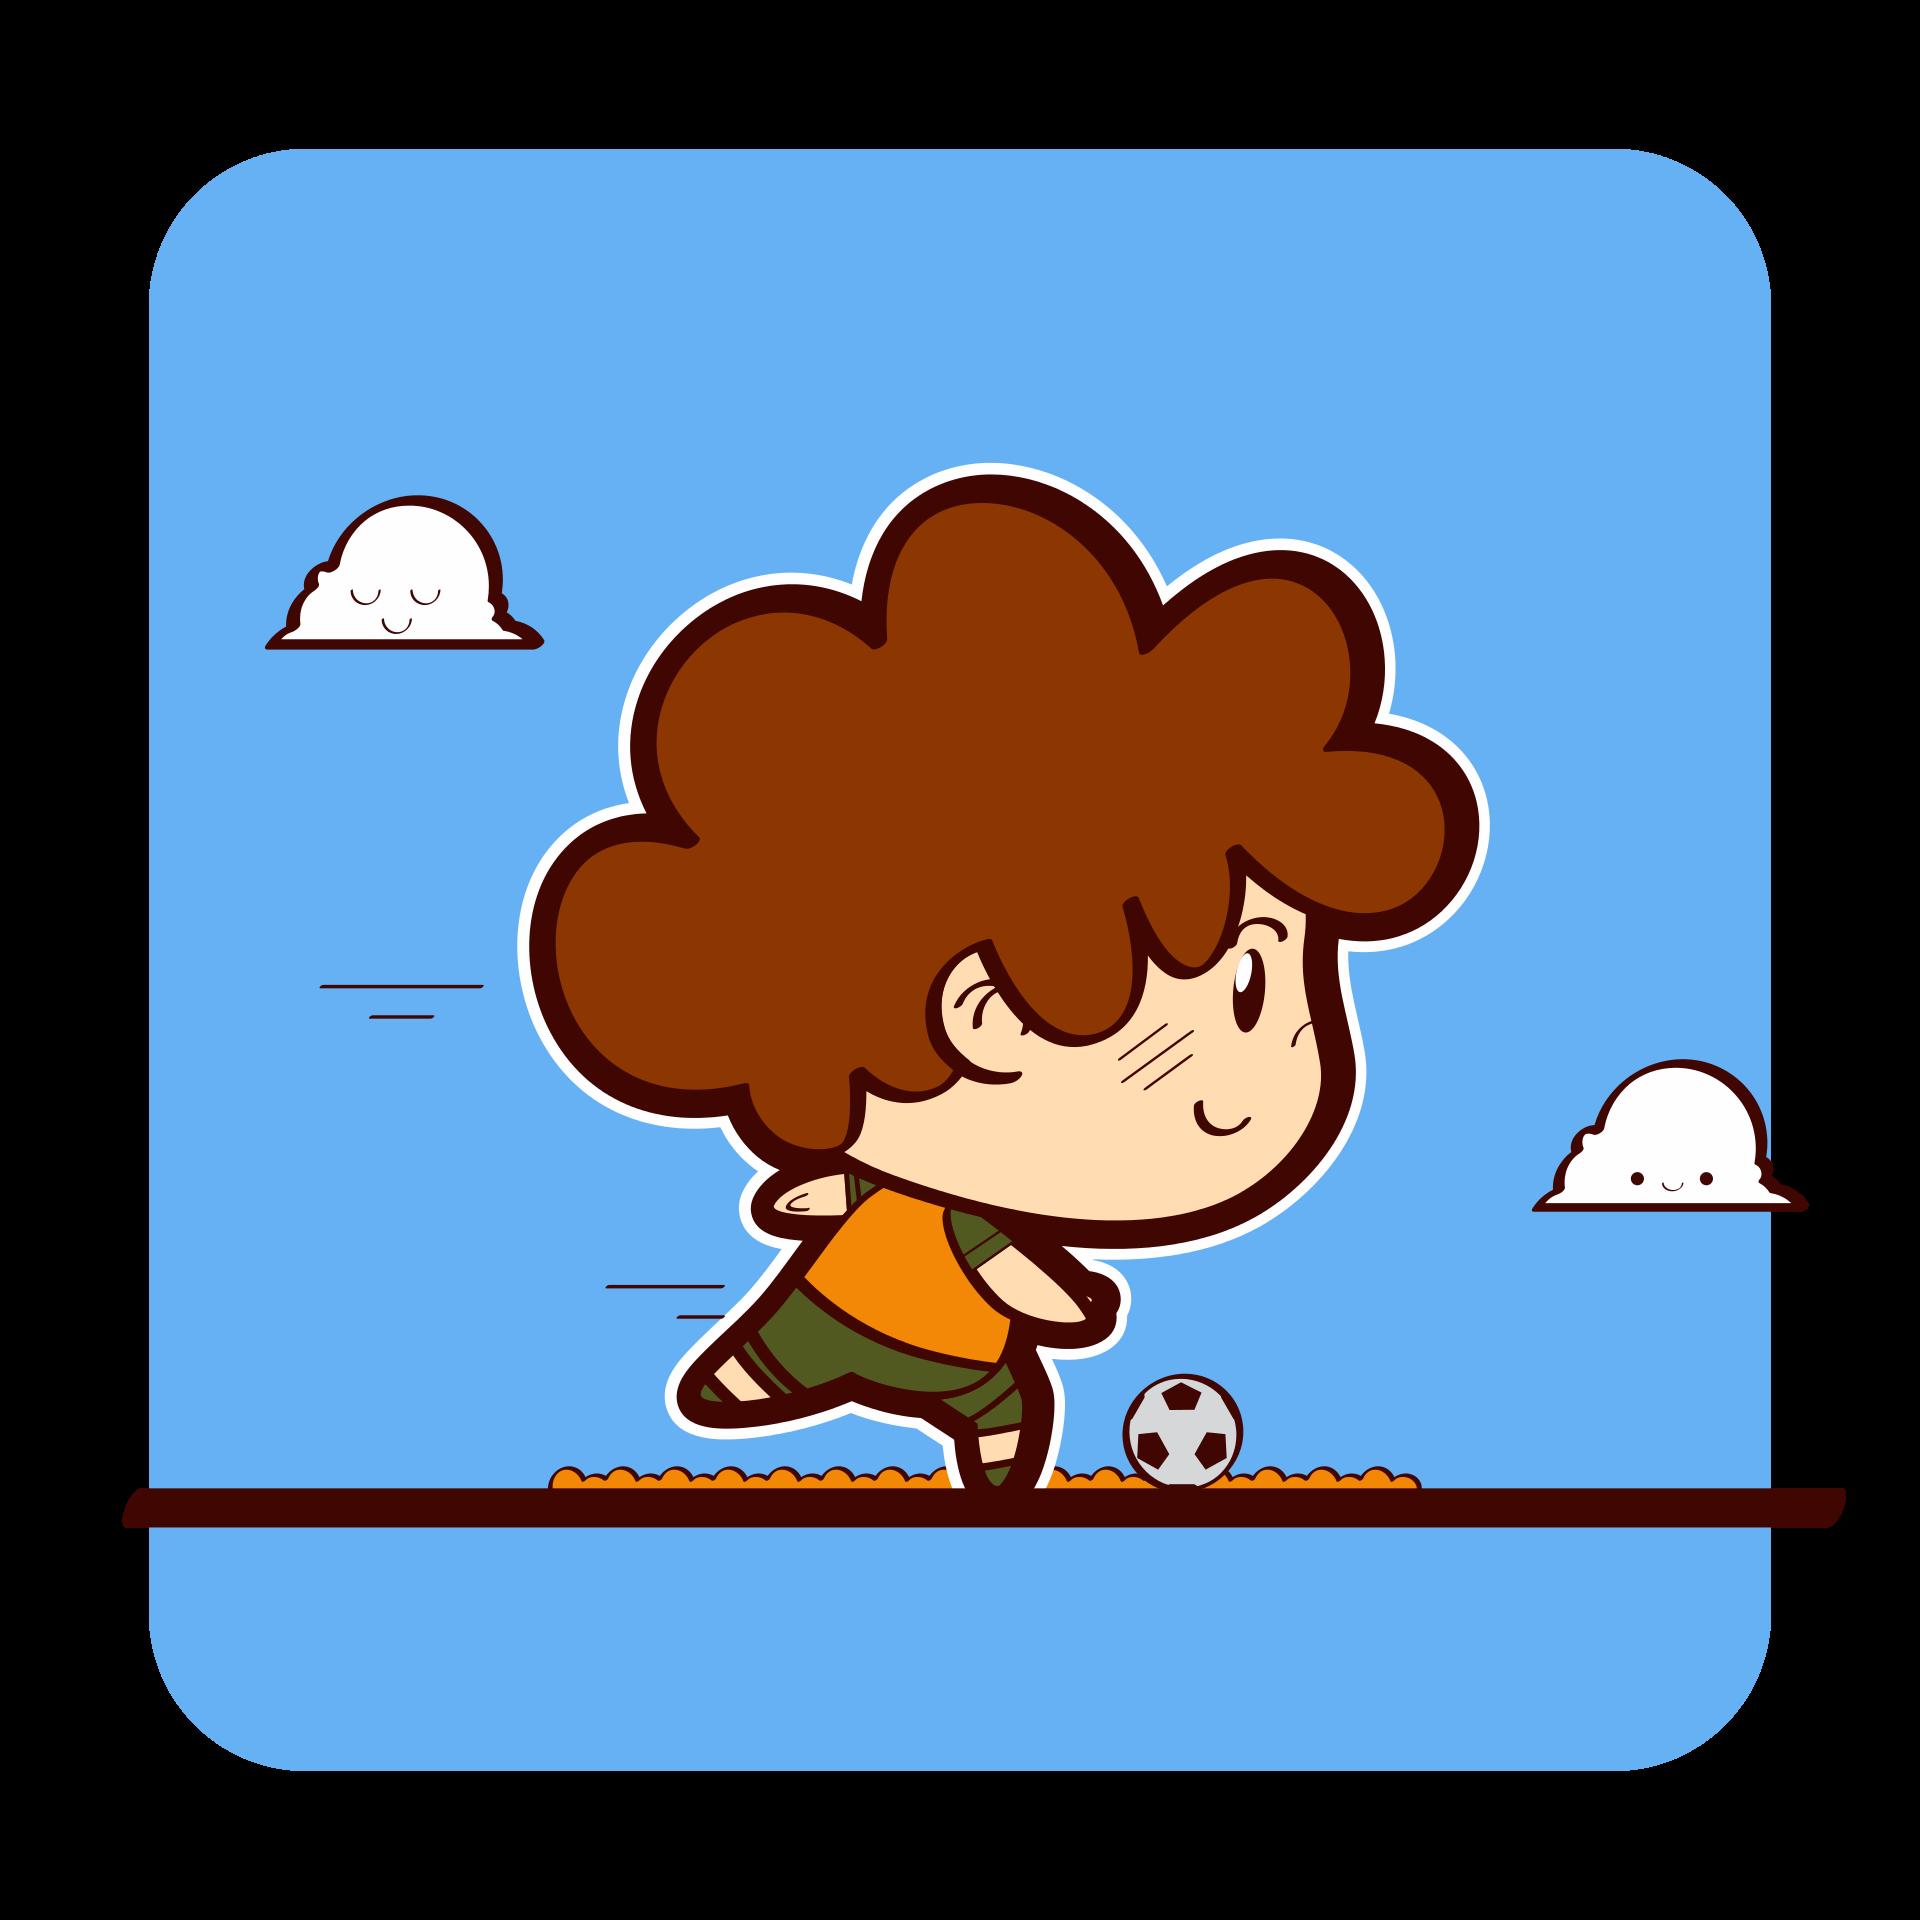 Gra w piłkę nożną, Pixabay